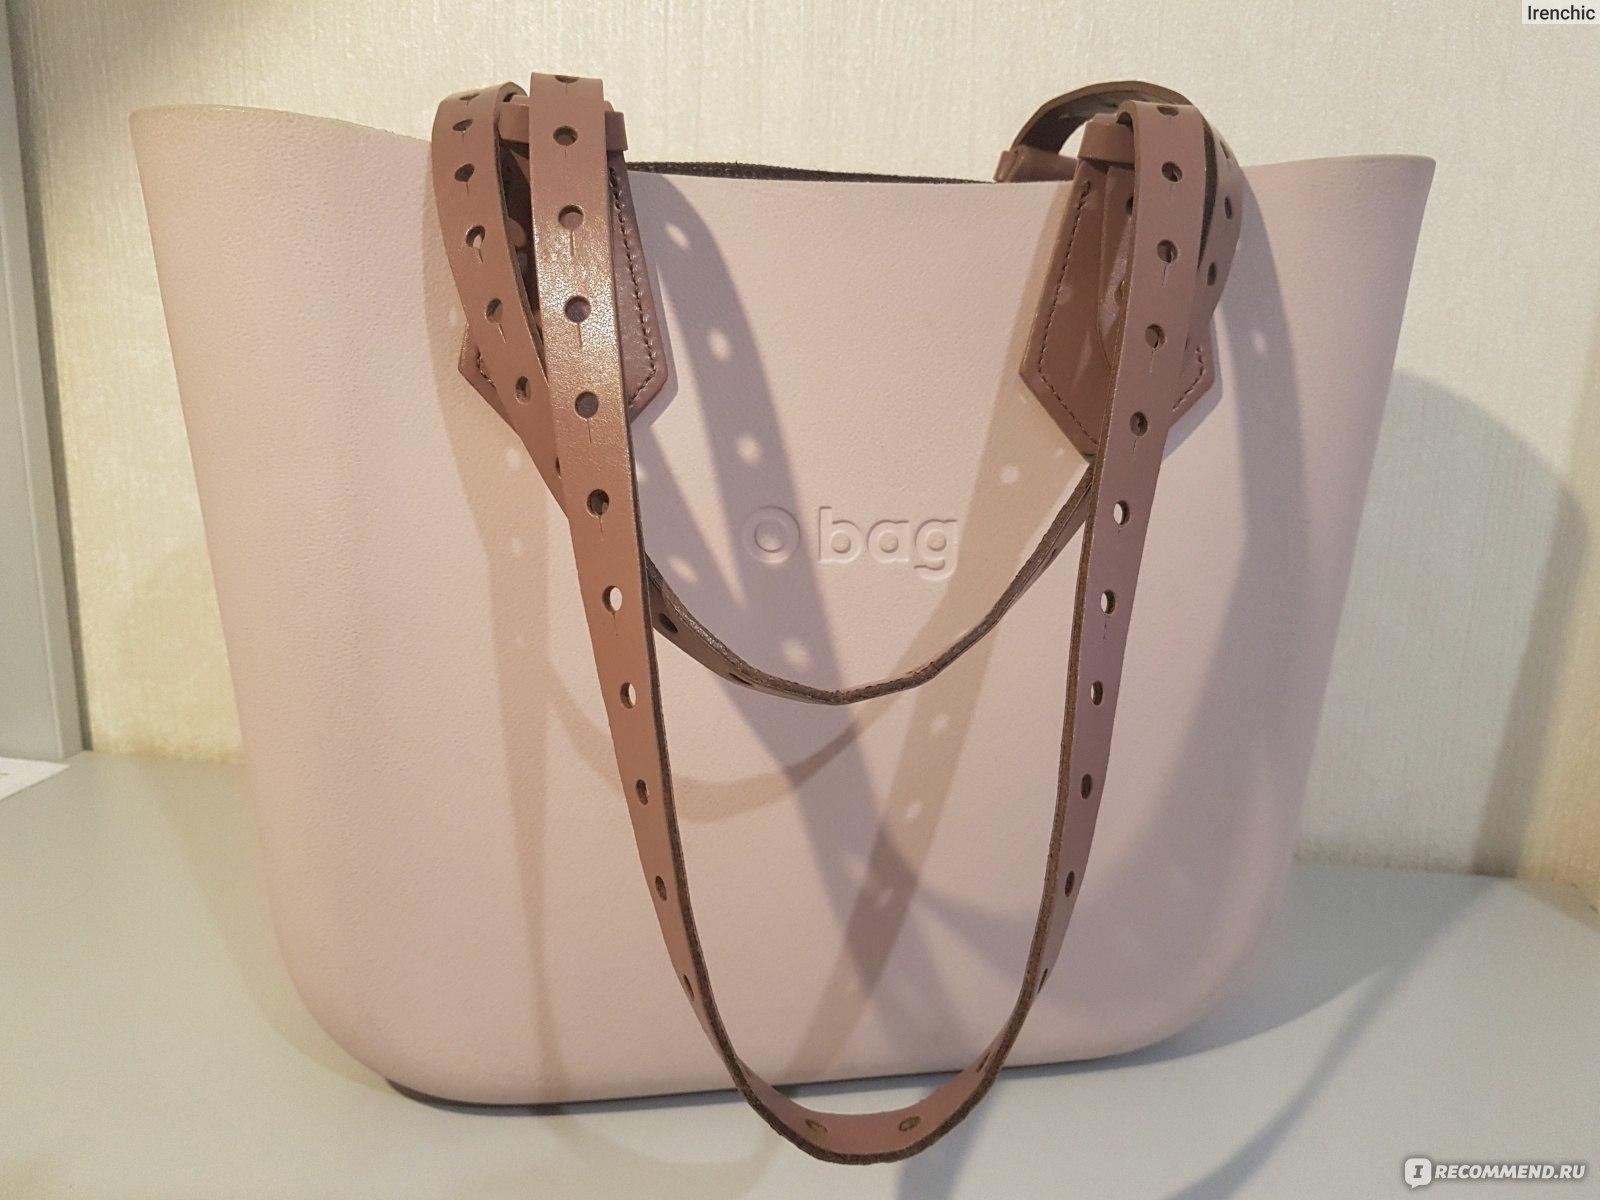 b56297cab16d Сумка O Bag Classic - «Невероятно удобная сумка, подходит ...